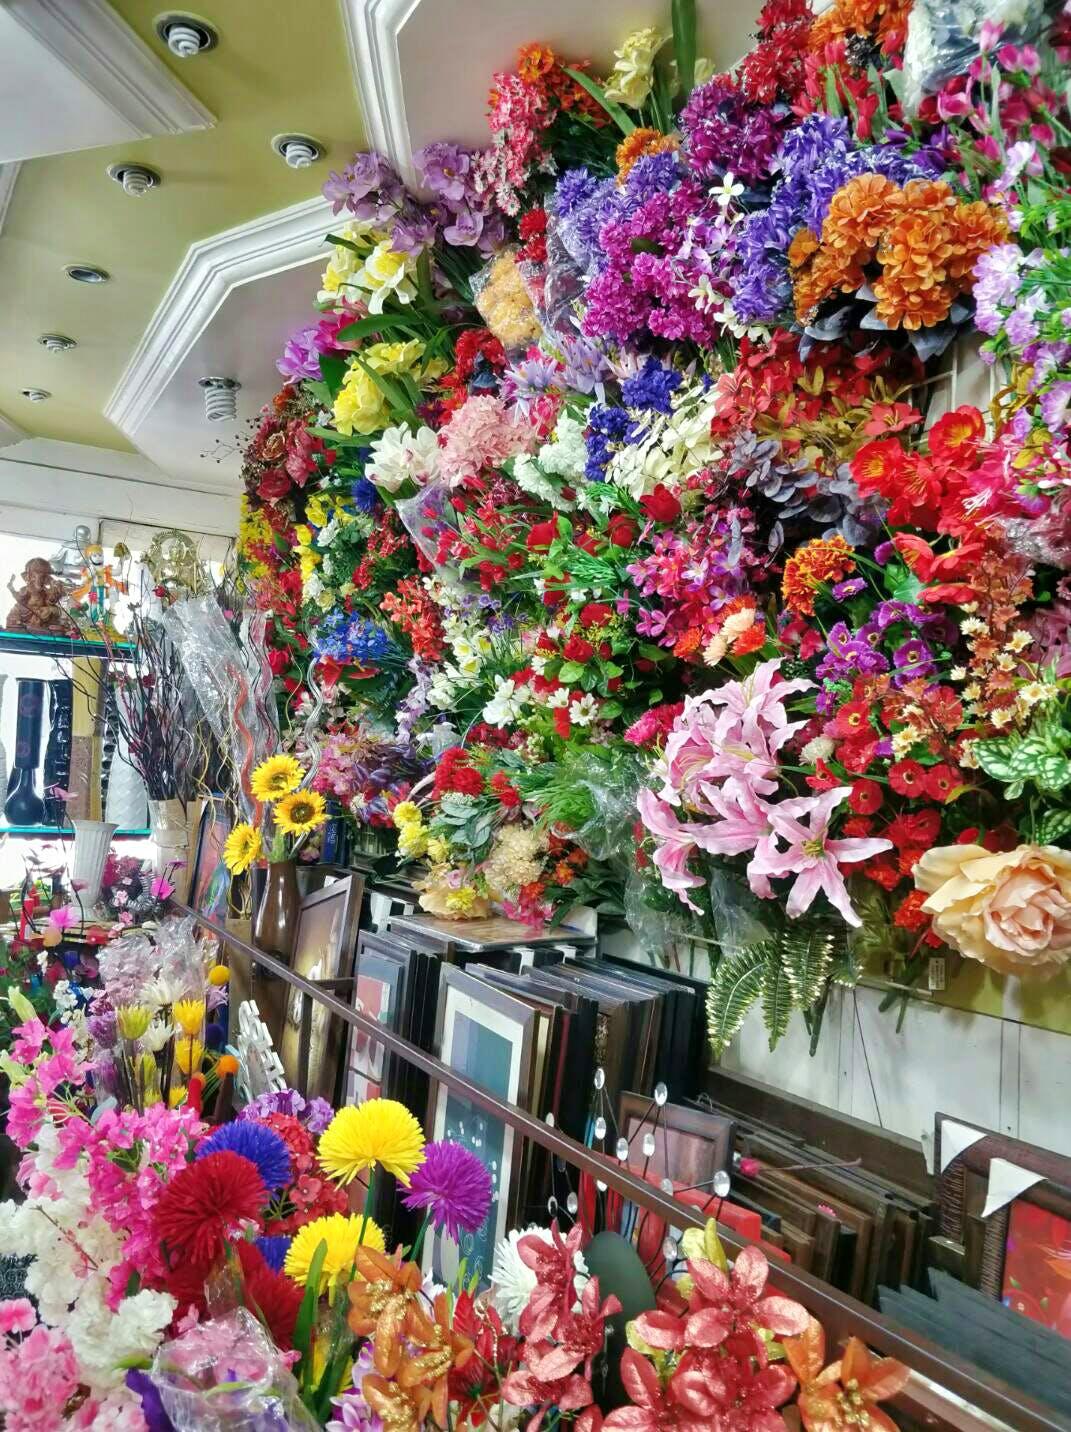 Floristry,Flower,Cut flowers,Artificial flower,Public space,Plant,Flower Arranging,Floral design,Market,Bouquet